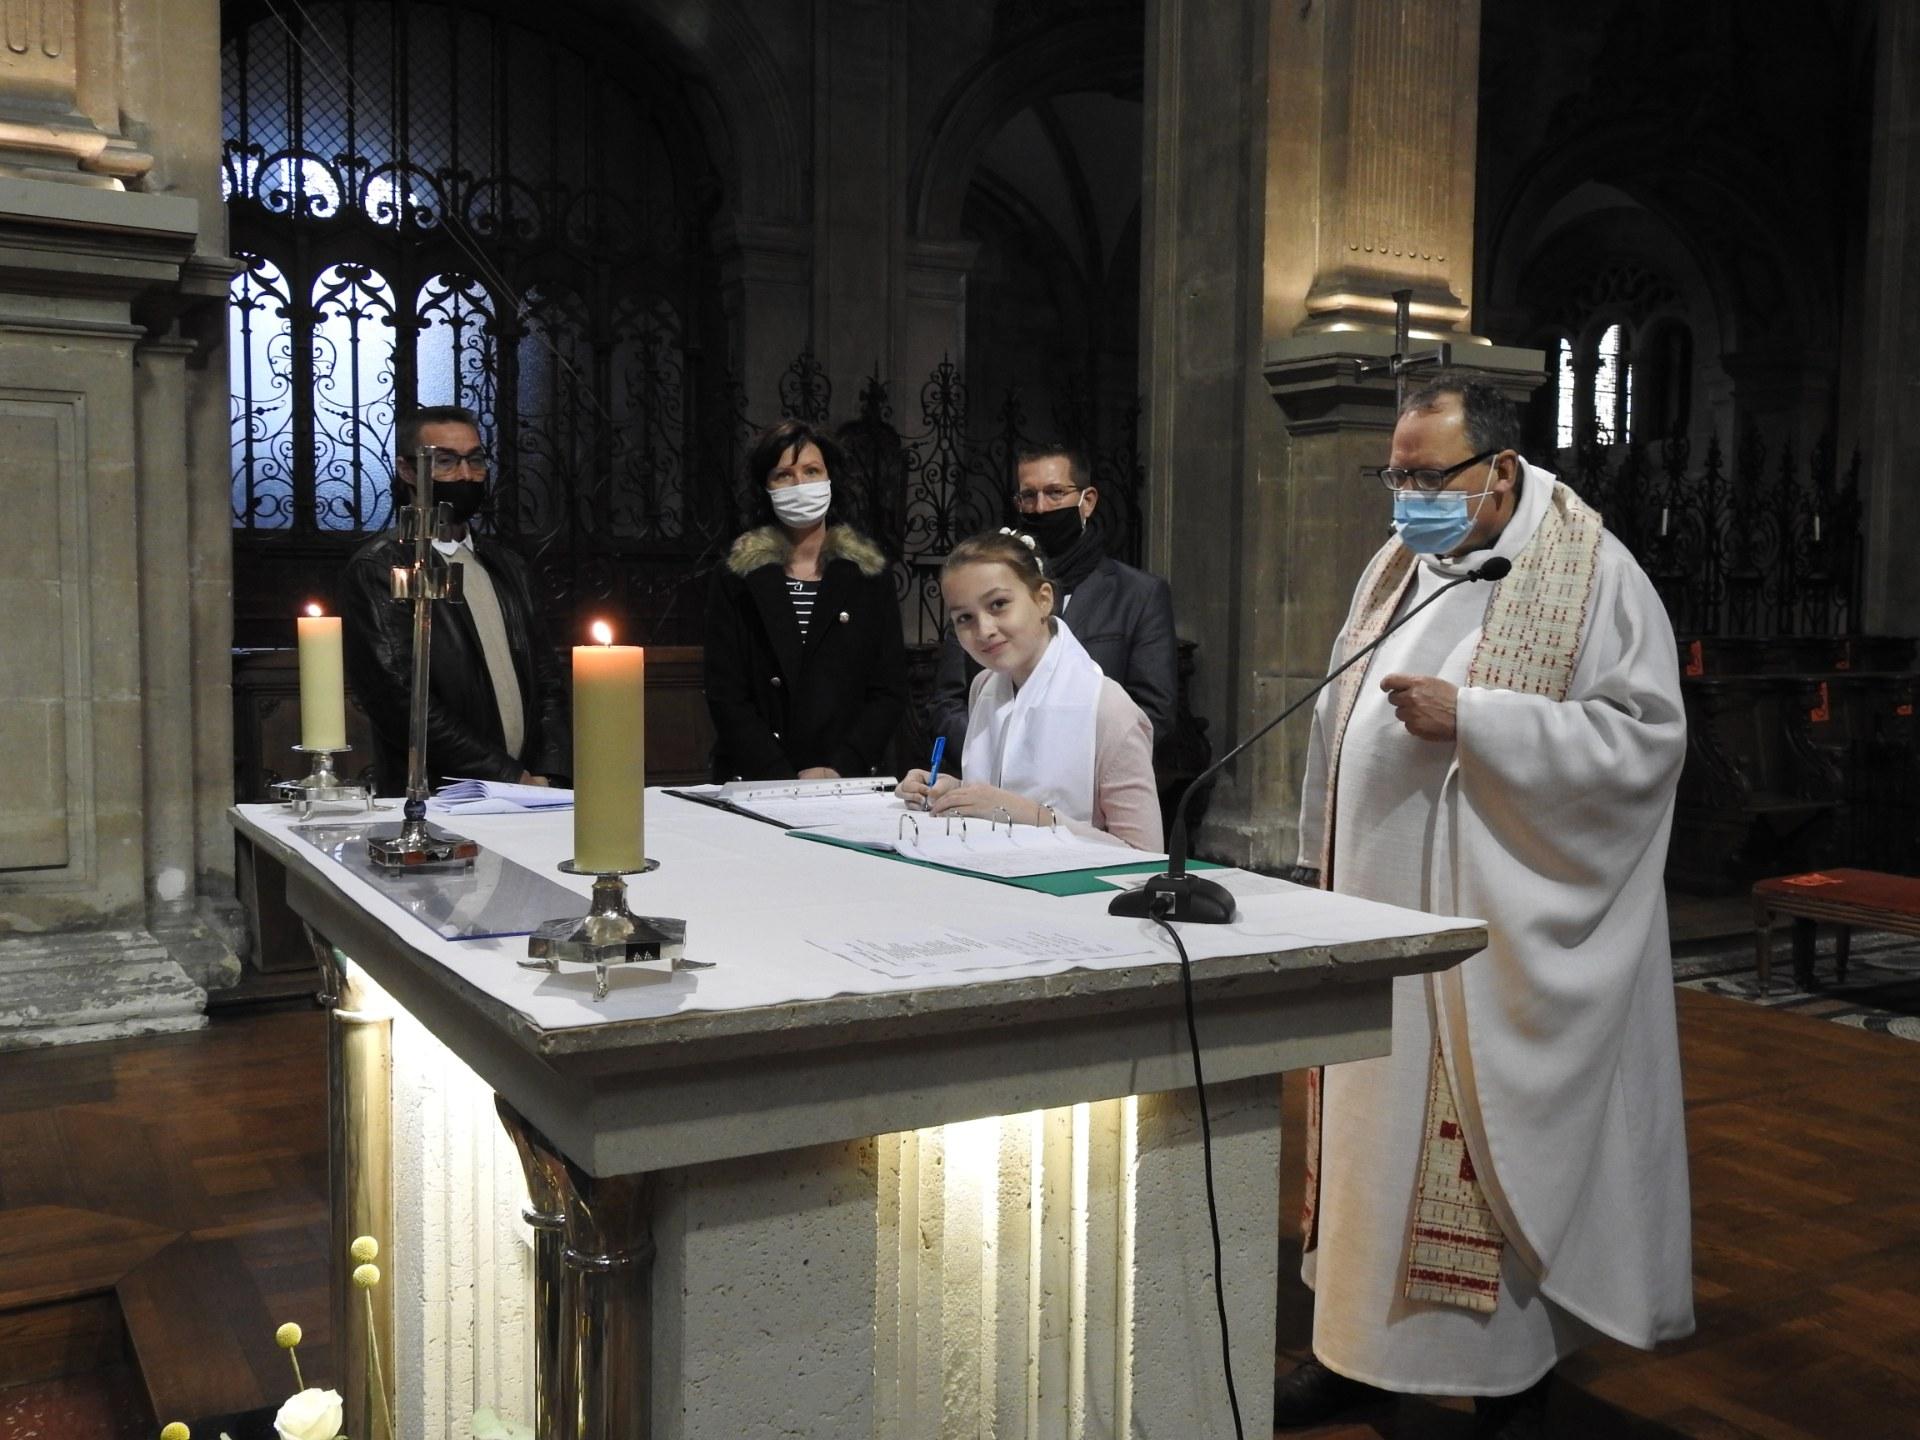 1eres communions St Francois 2020 (48)